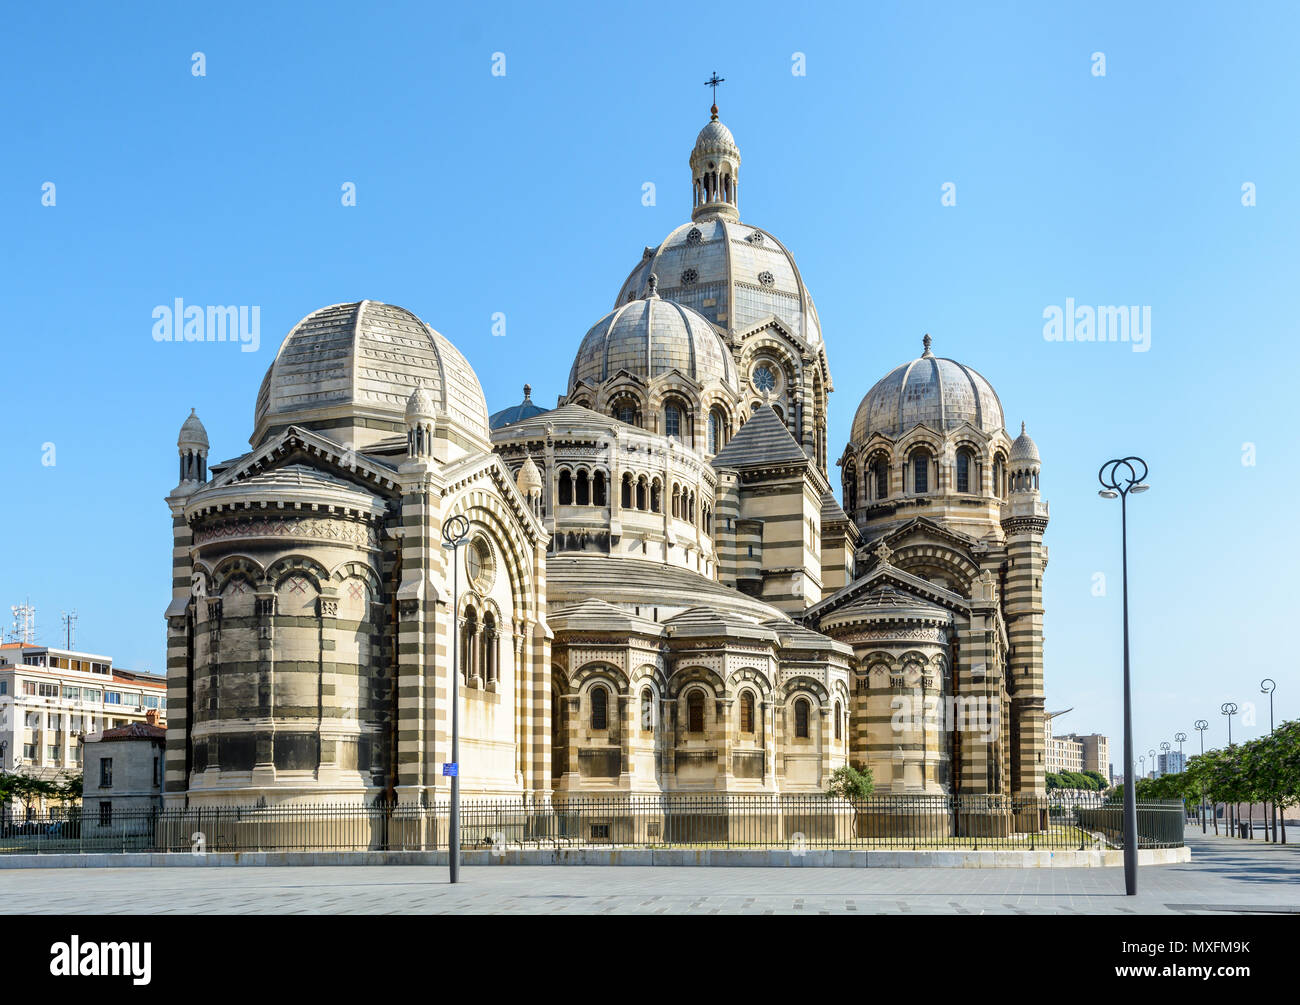 Vue arrière de la cathédrale de Marseille, Sainte-Marie-Majeure, également connu sous le nom de la Major, un bâtiment de style néo-byzantin atteint en 1893 dans la région de Joliette d Banque D'Images